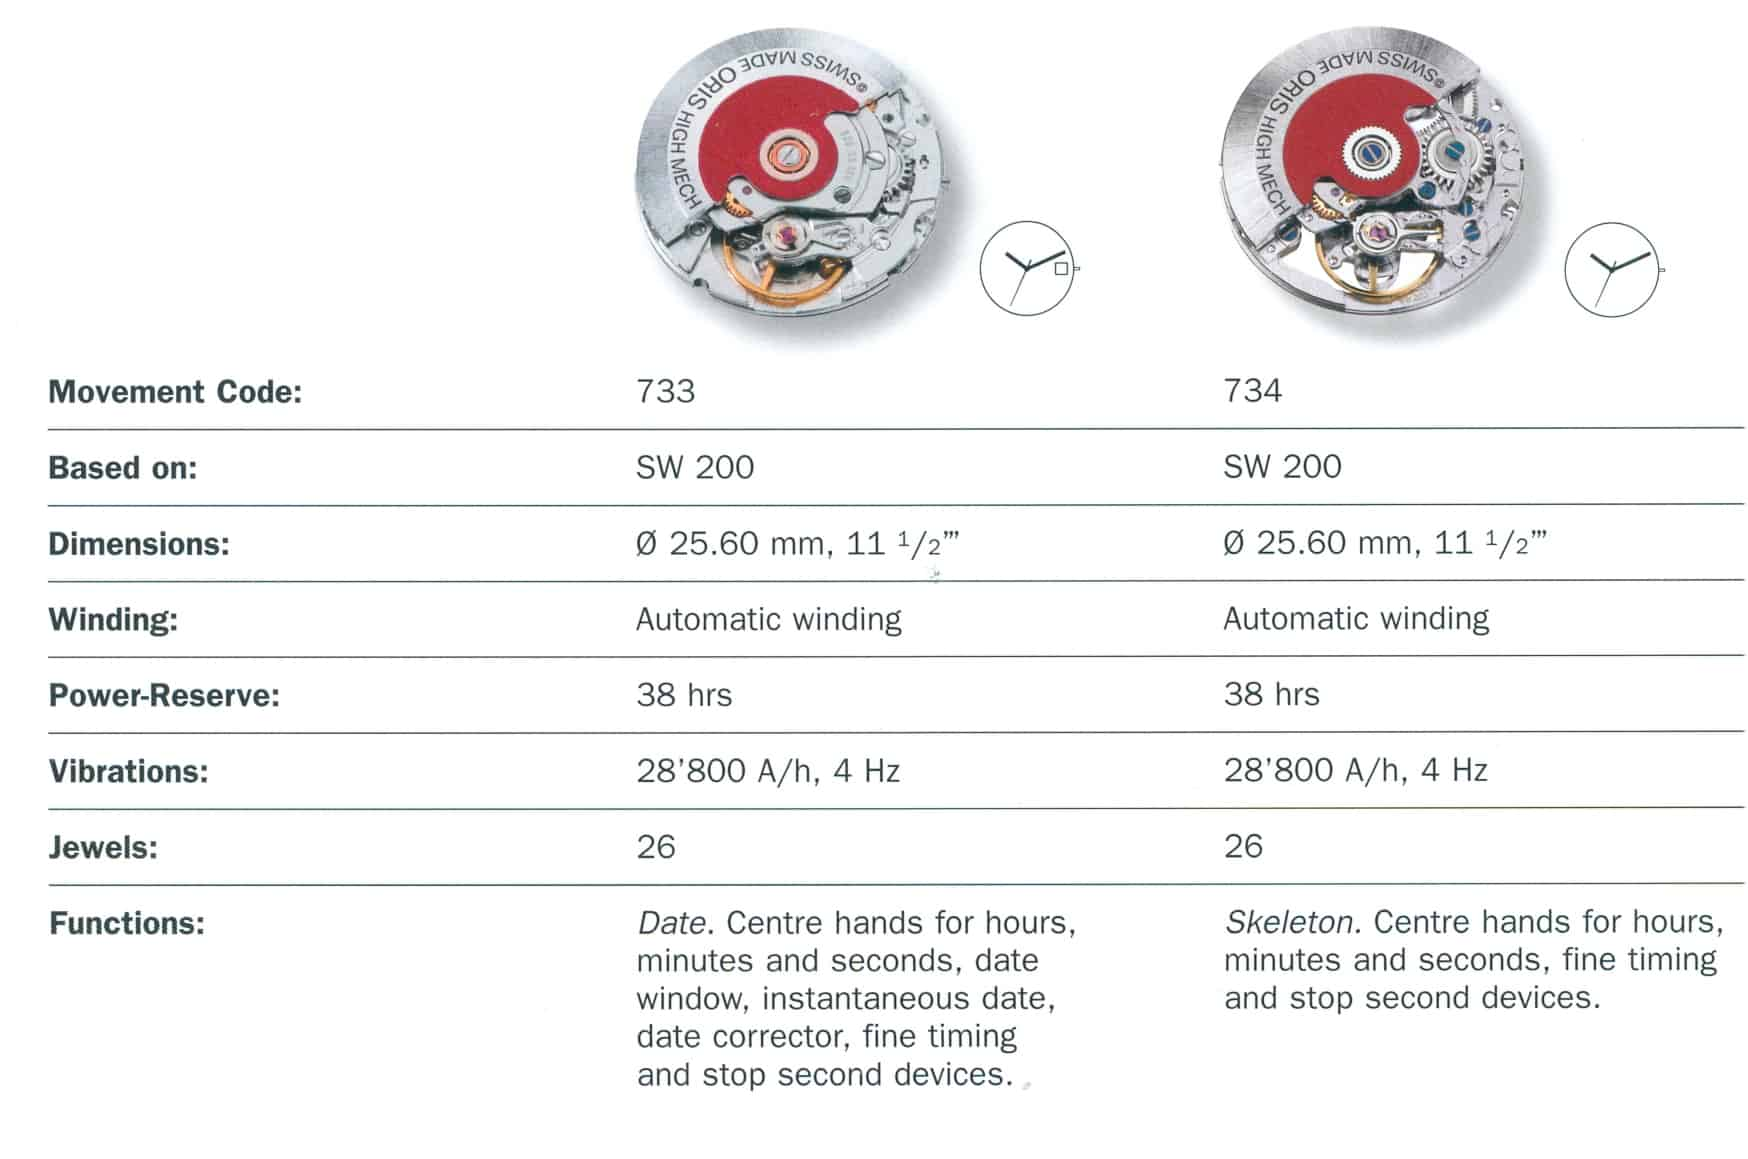 Die Oris Kaliber 733 und 734 basieren auf dem Sellita SW 200